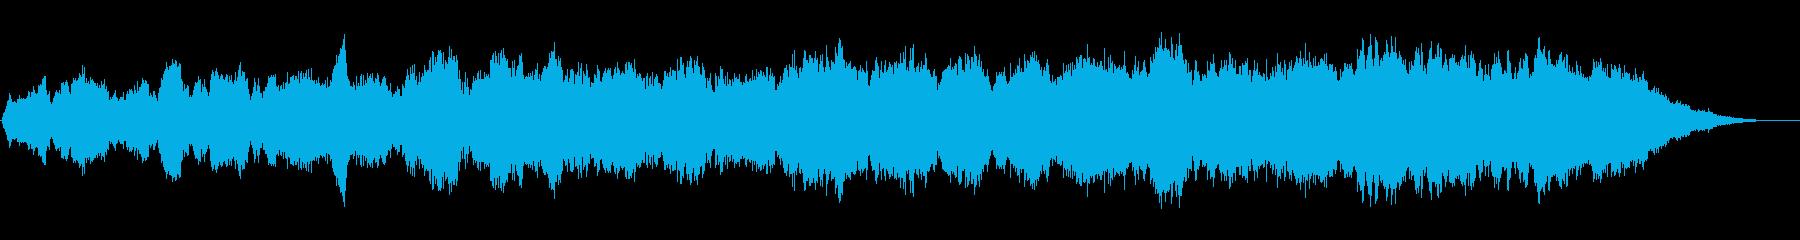 静かなチェロ_束の間の安らぎ、そして勇気の再生済みの波形